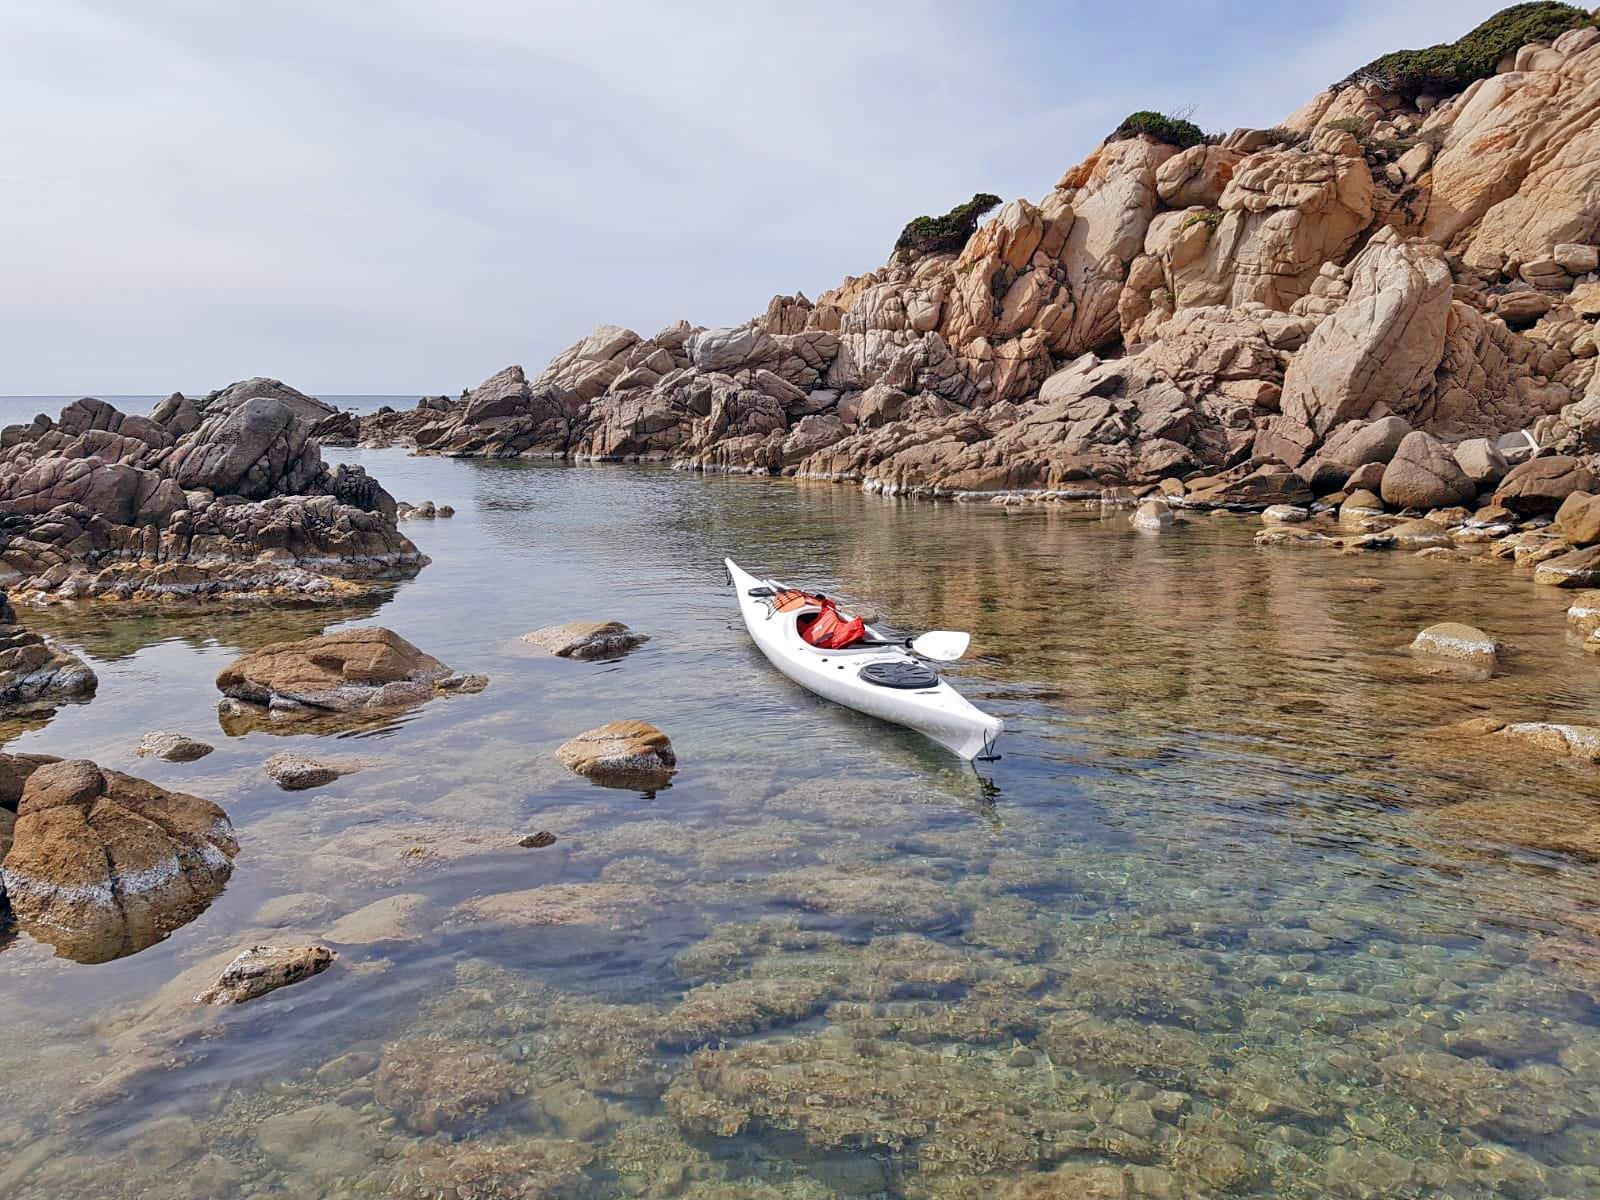 Canoe di Ajò Kayaking in spiaggia